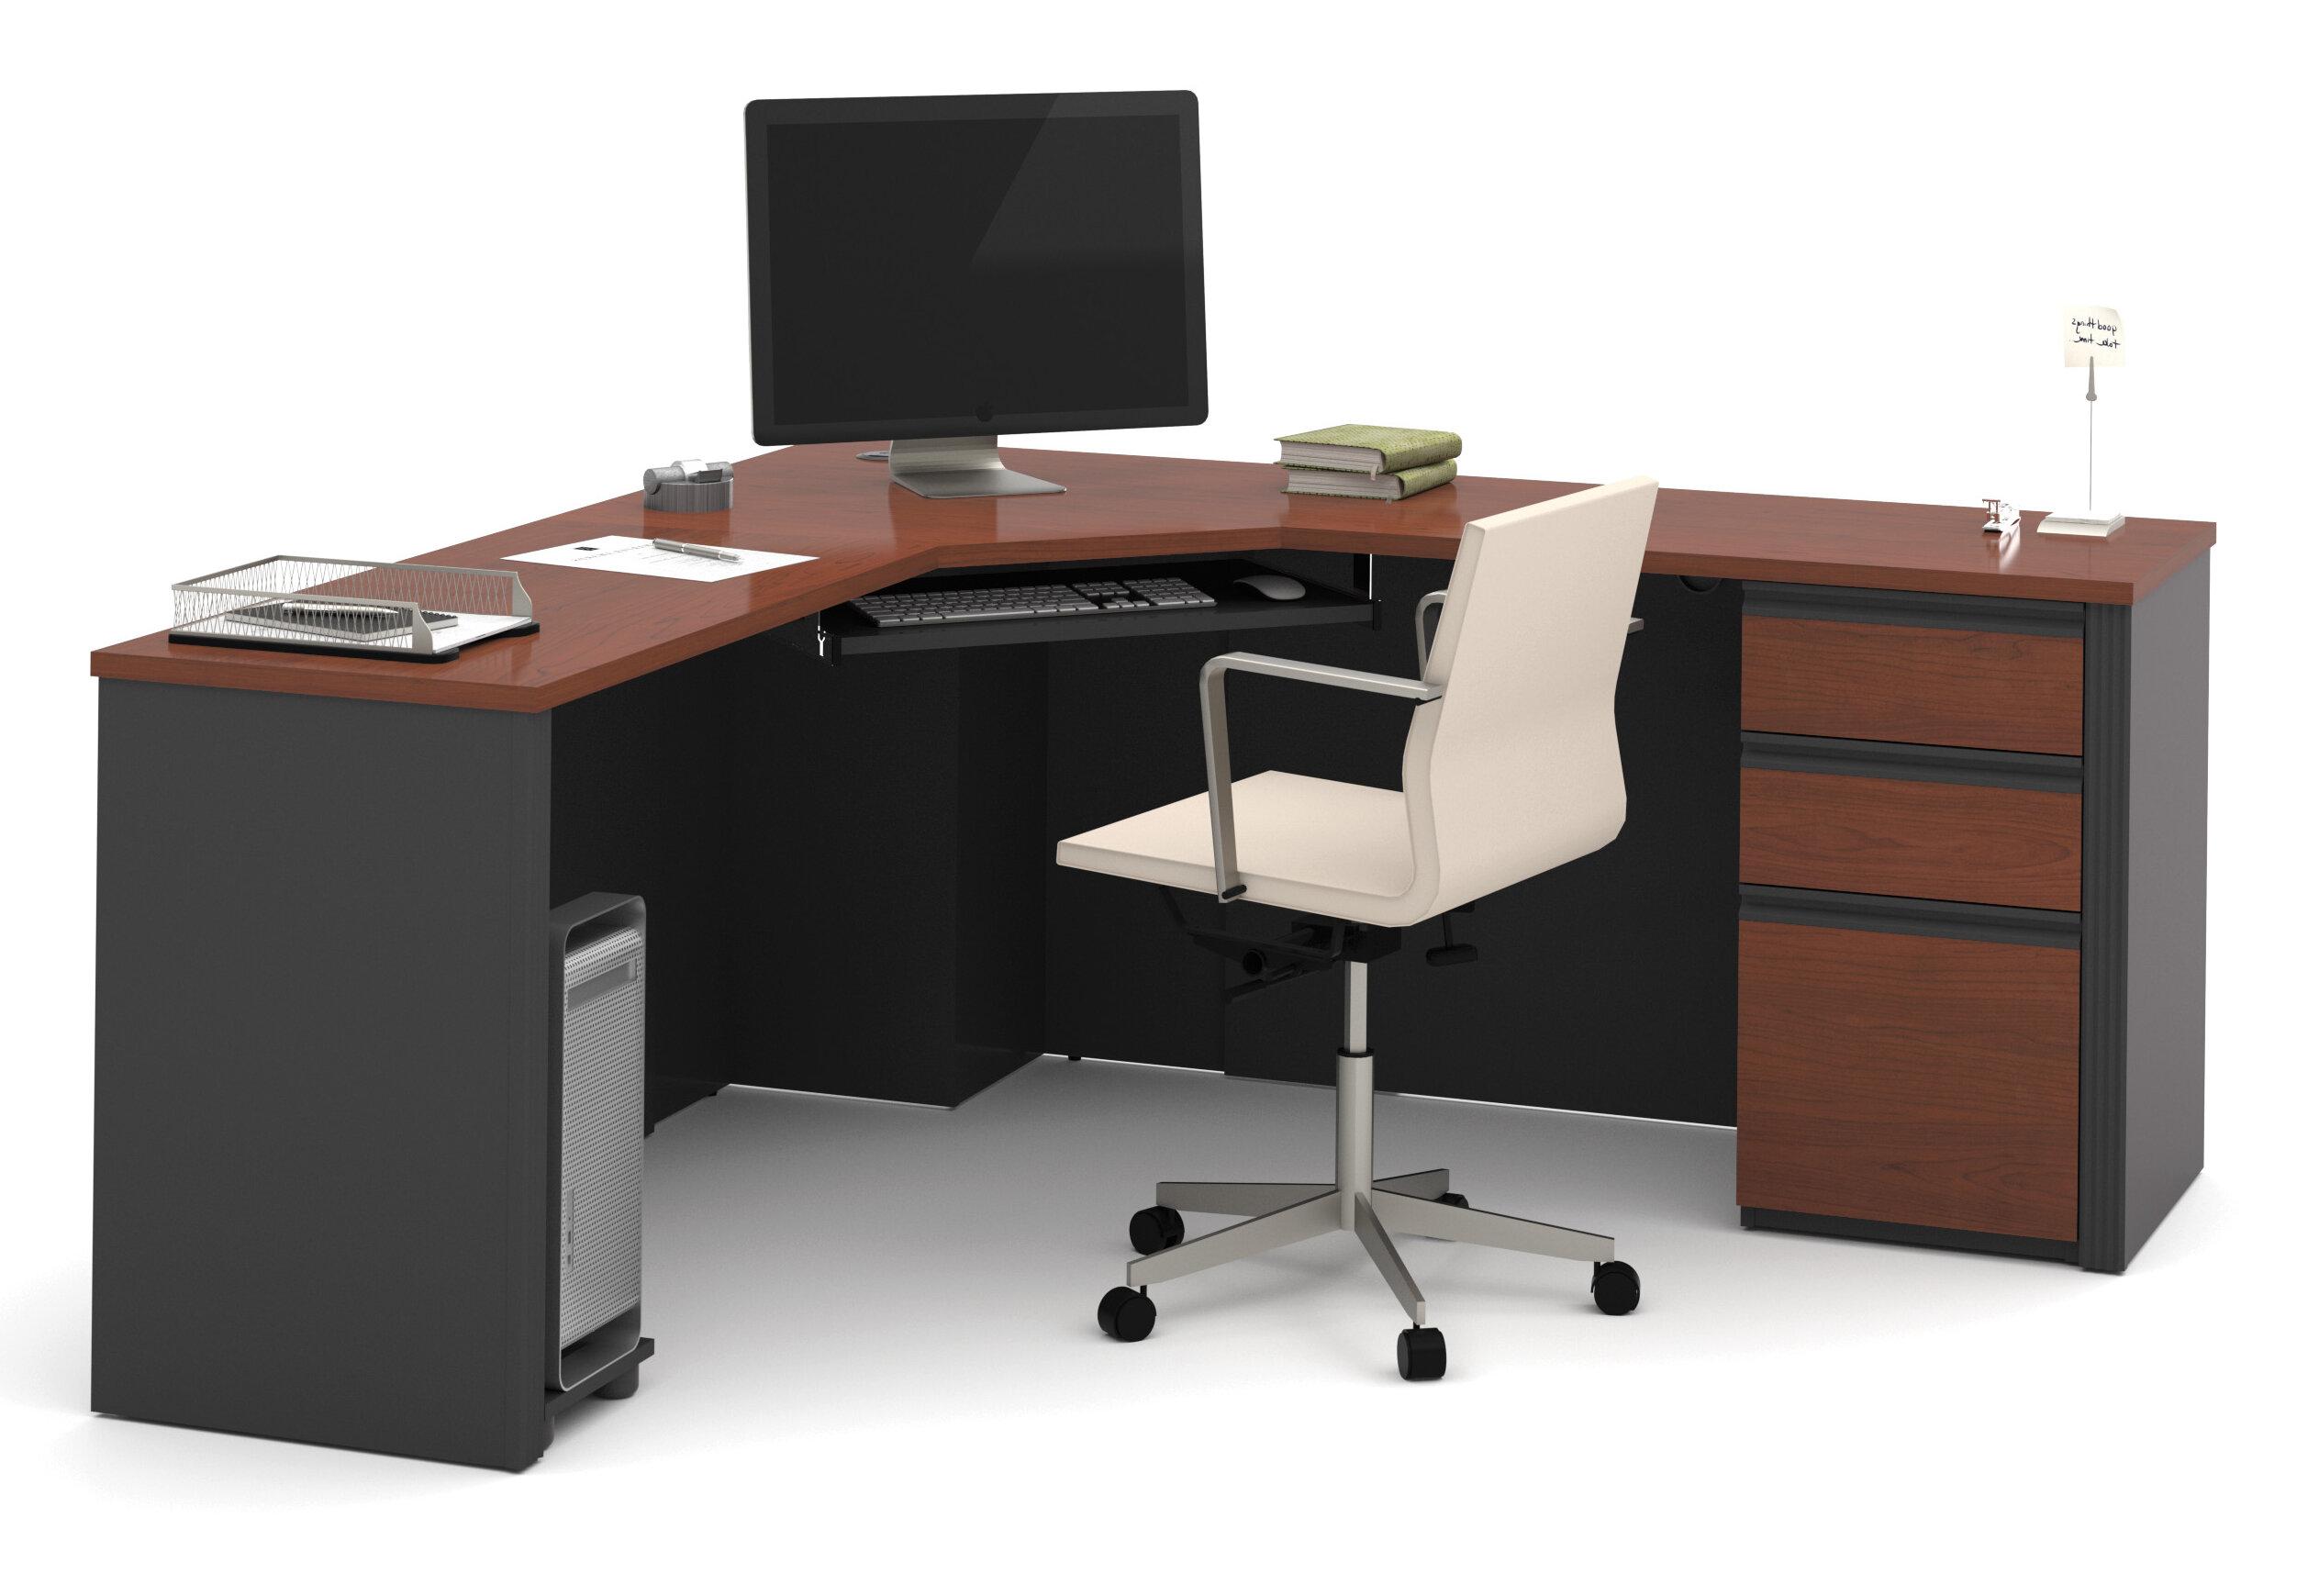 best sneakers 56b43 91655 Kenworthy Reversible Corner Executive Desk with Pedestal